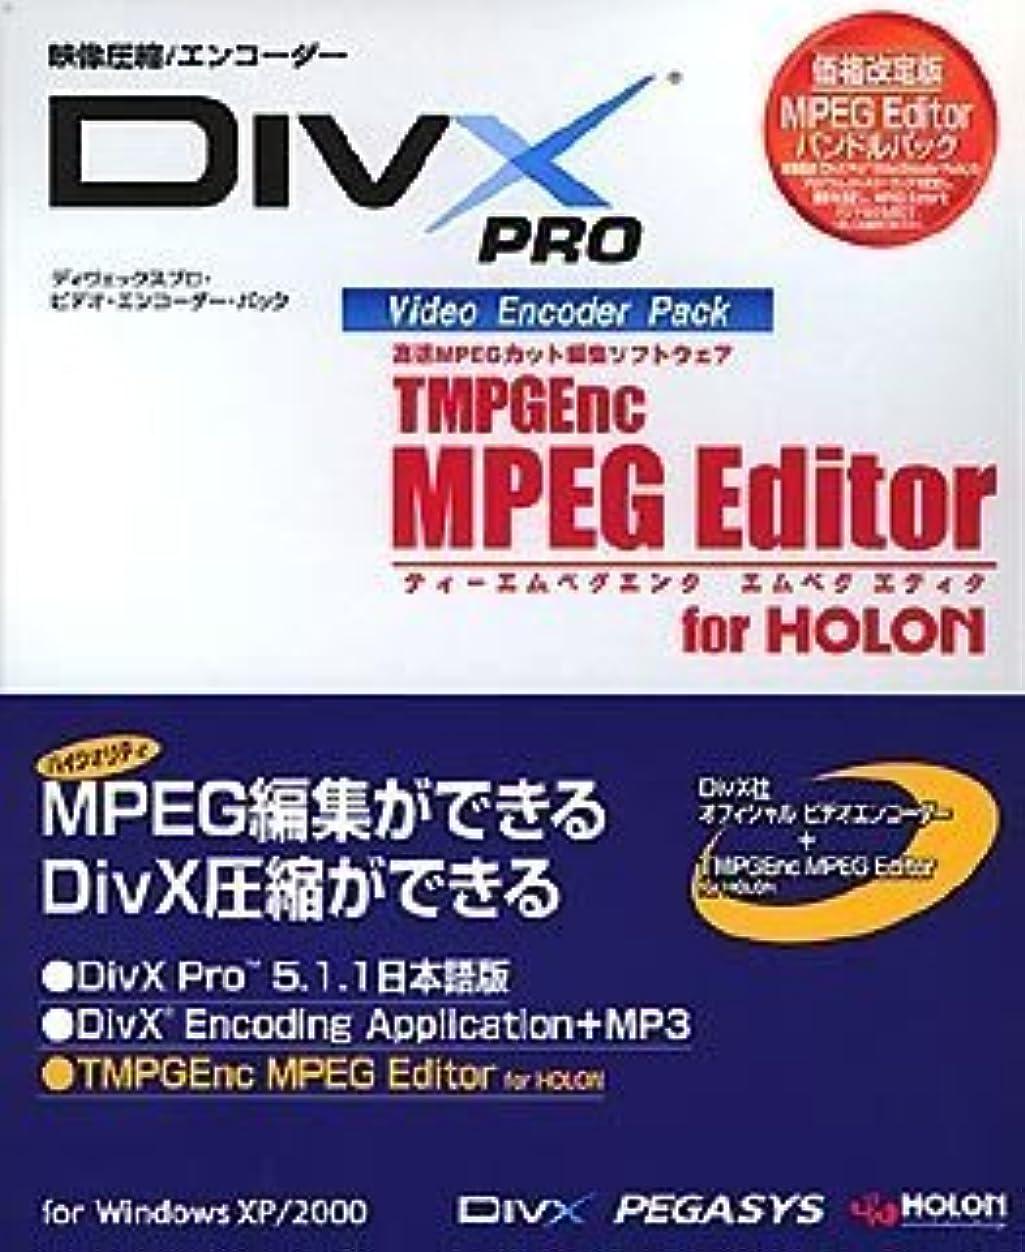 フィクション宴会徒歩でDivX Pro Video Encoder Pack 価格改定版 MPEG Editorバンドルパック